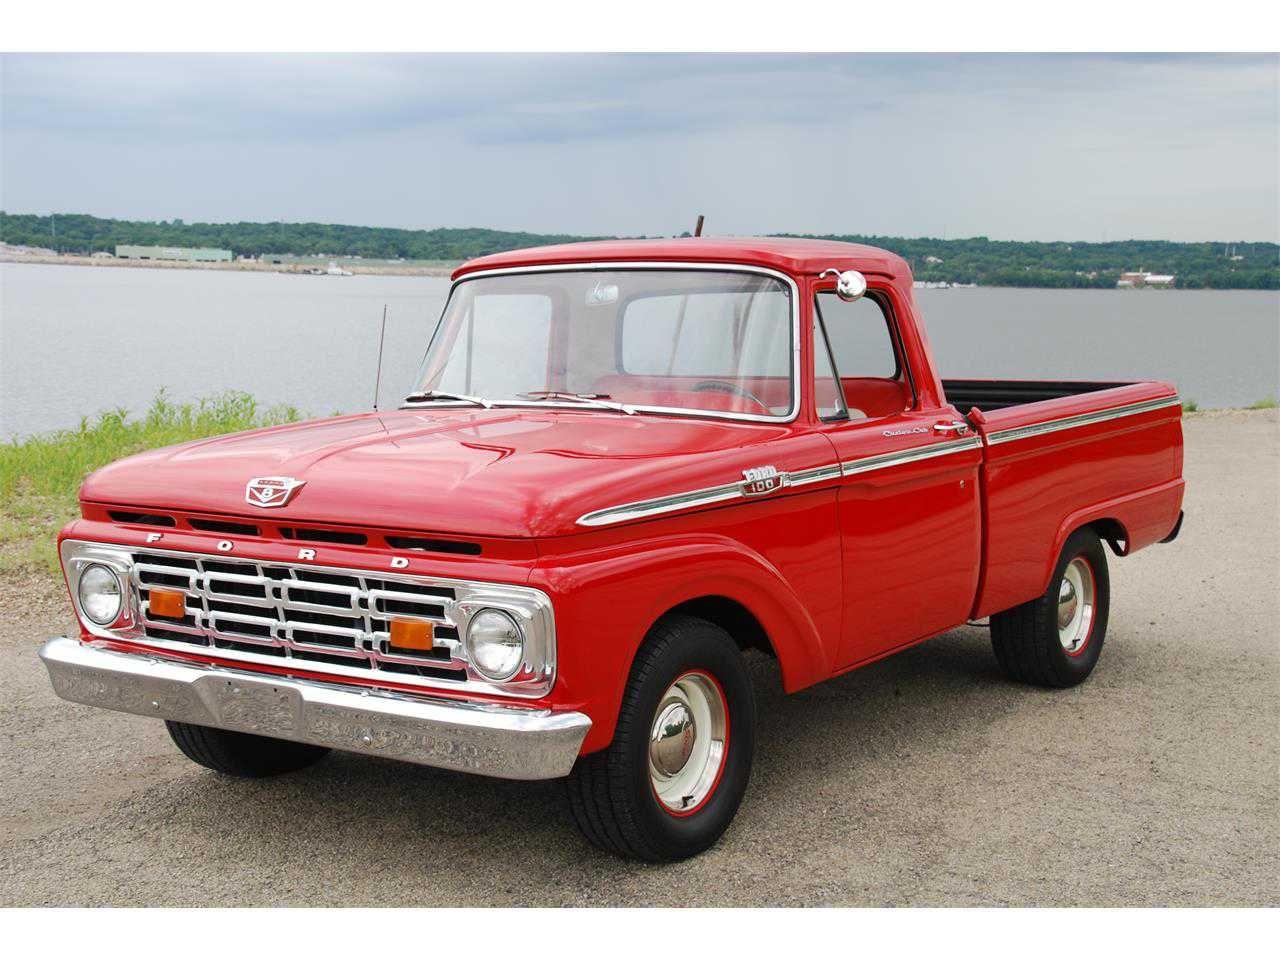 1964 Ford F 100 Pickup Trucks Vintage Pickup Trucks Classic